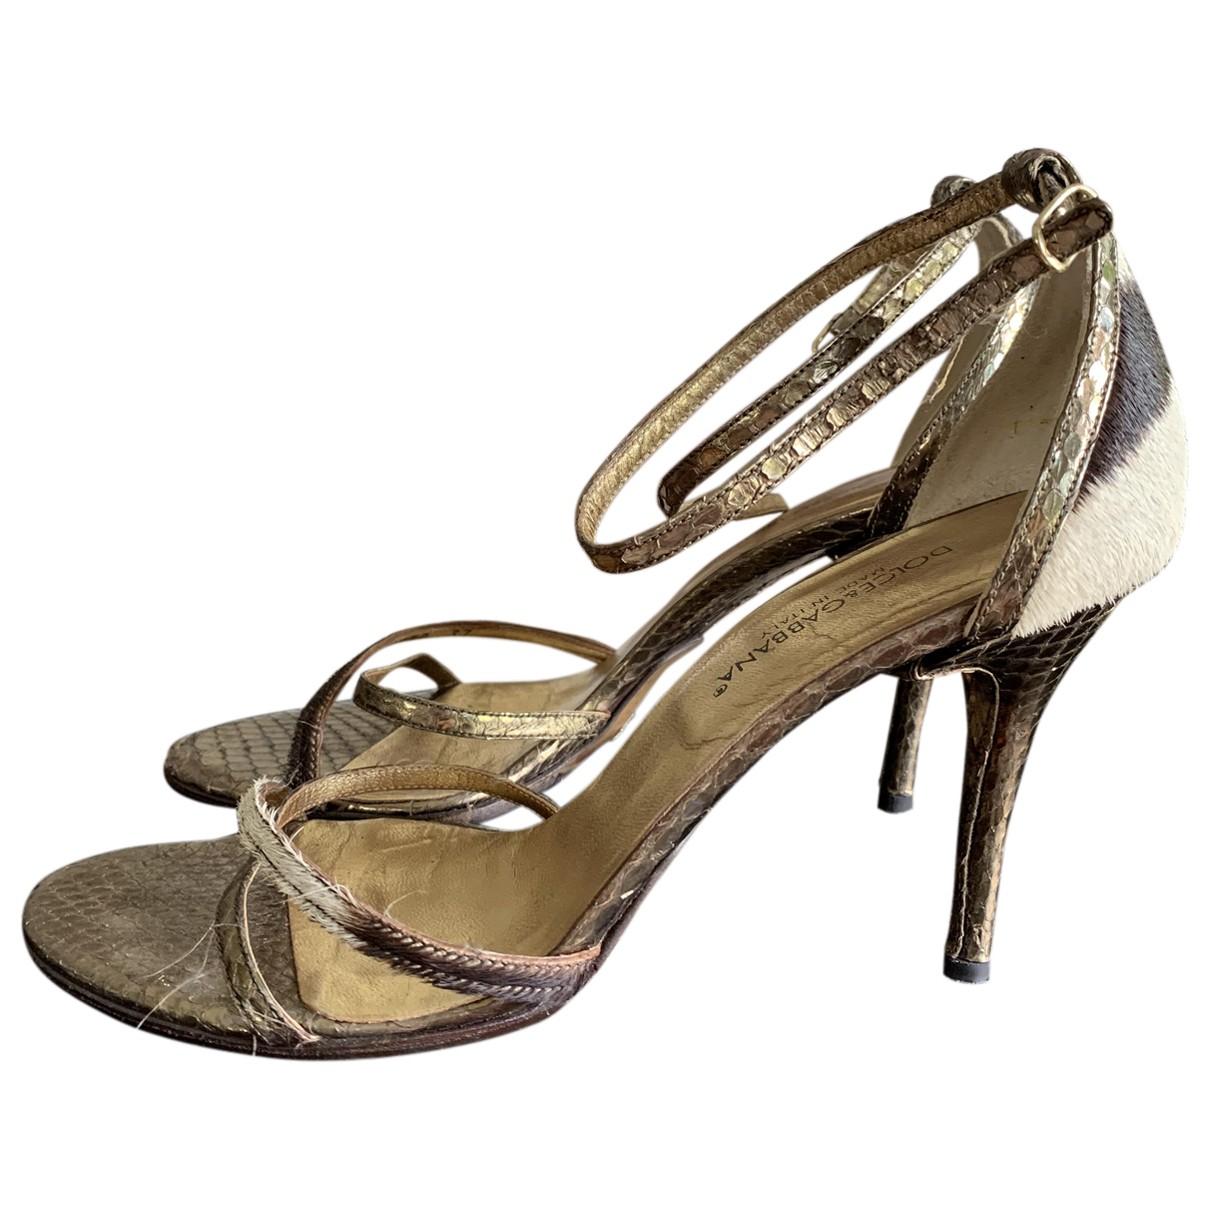 Dolce & Gabbana - Sandales   pour femme en veau facon poulain - dore